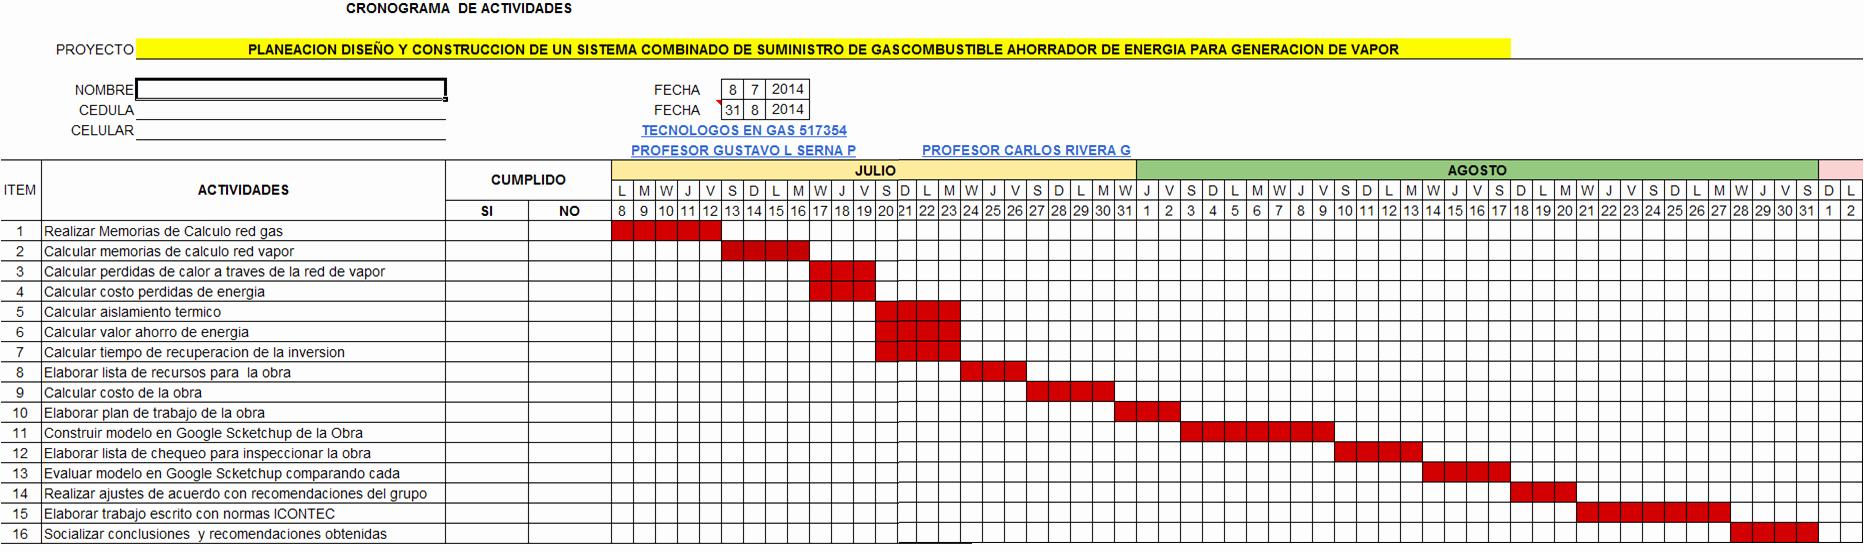 Cronogramas De Actividades En Excel Inspirational Cronograma De Actividades Calor Apuntes Y Calculos